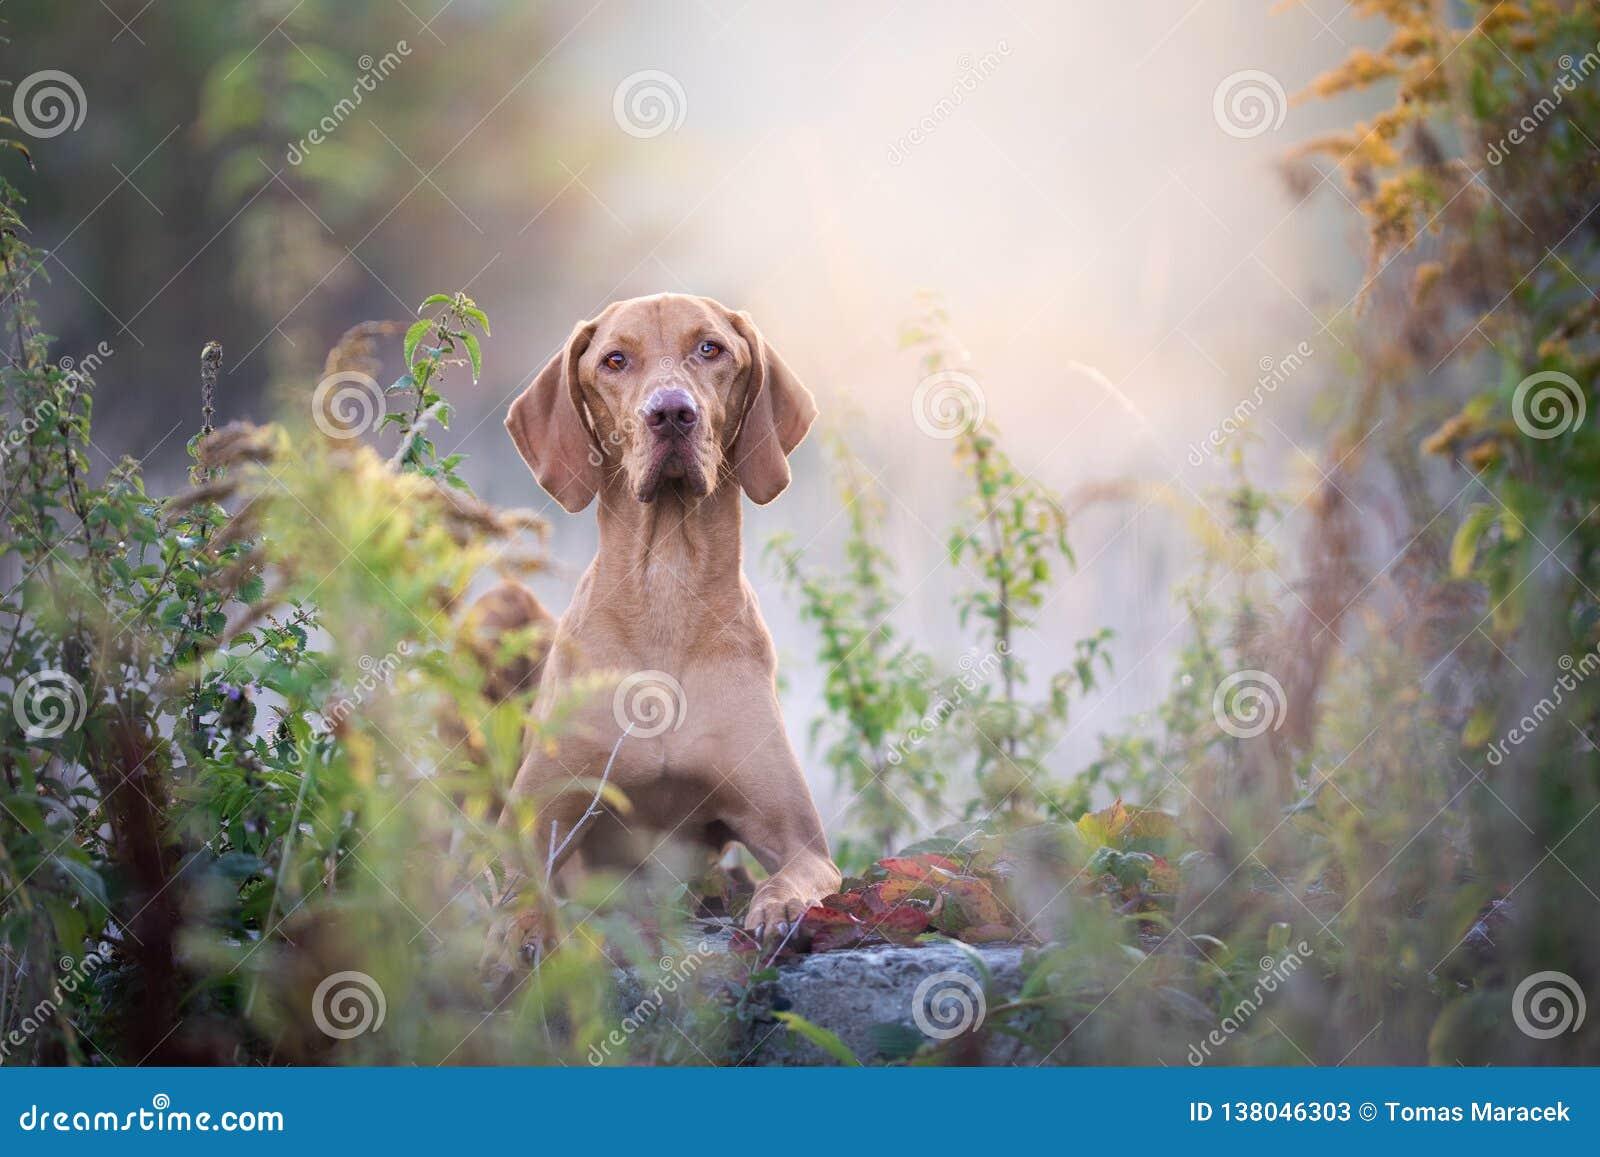 Herbst ungarisches vizsla Hundeporträt in der Morgensonne